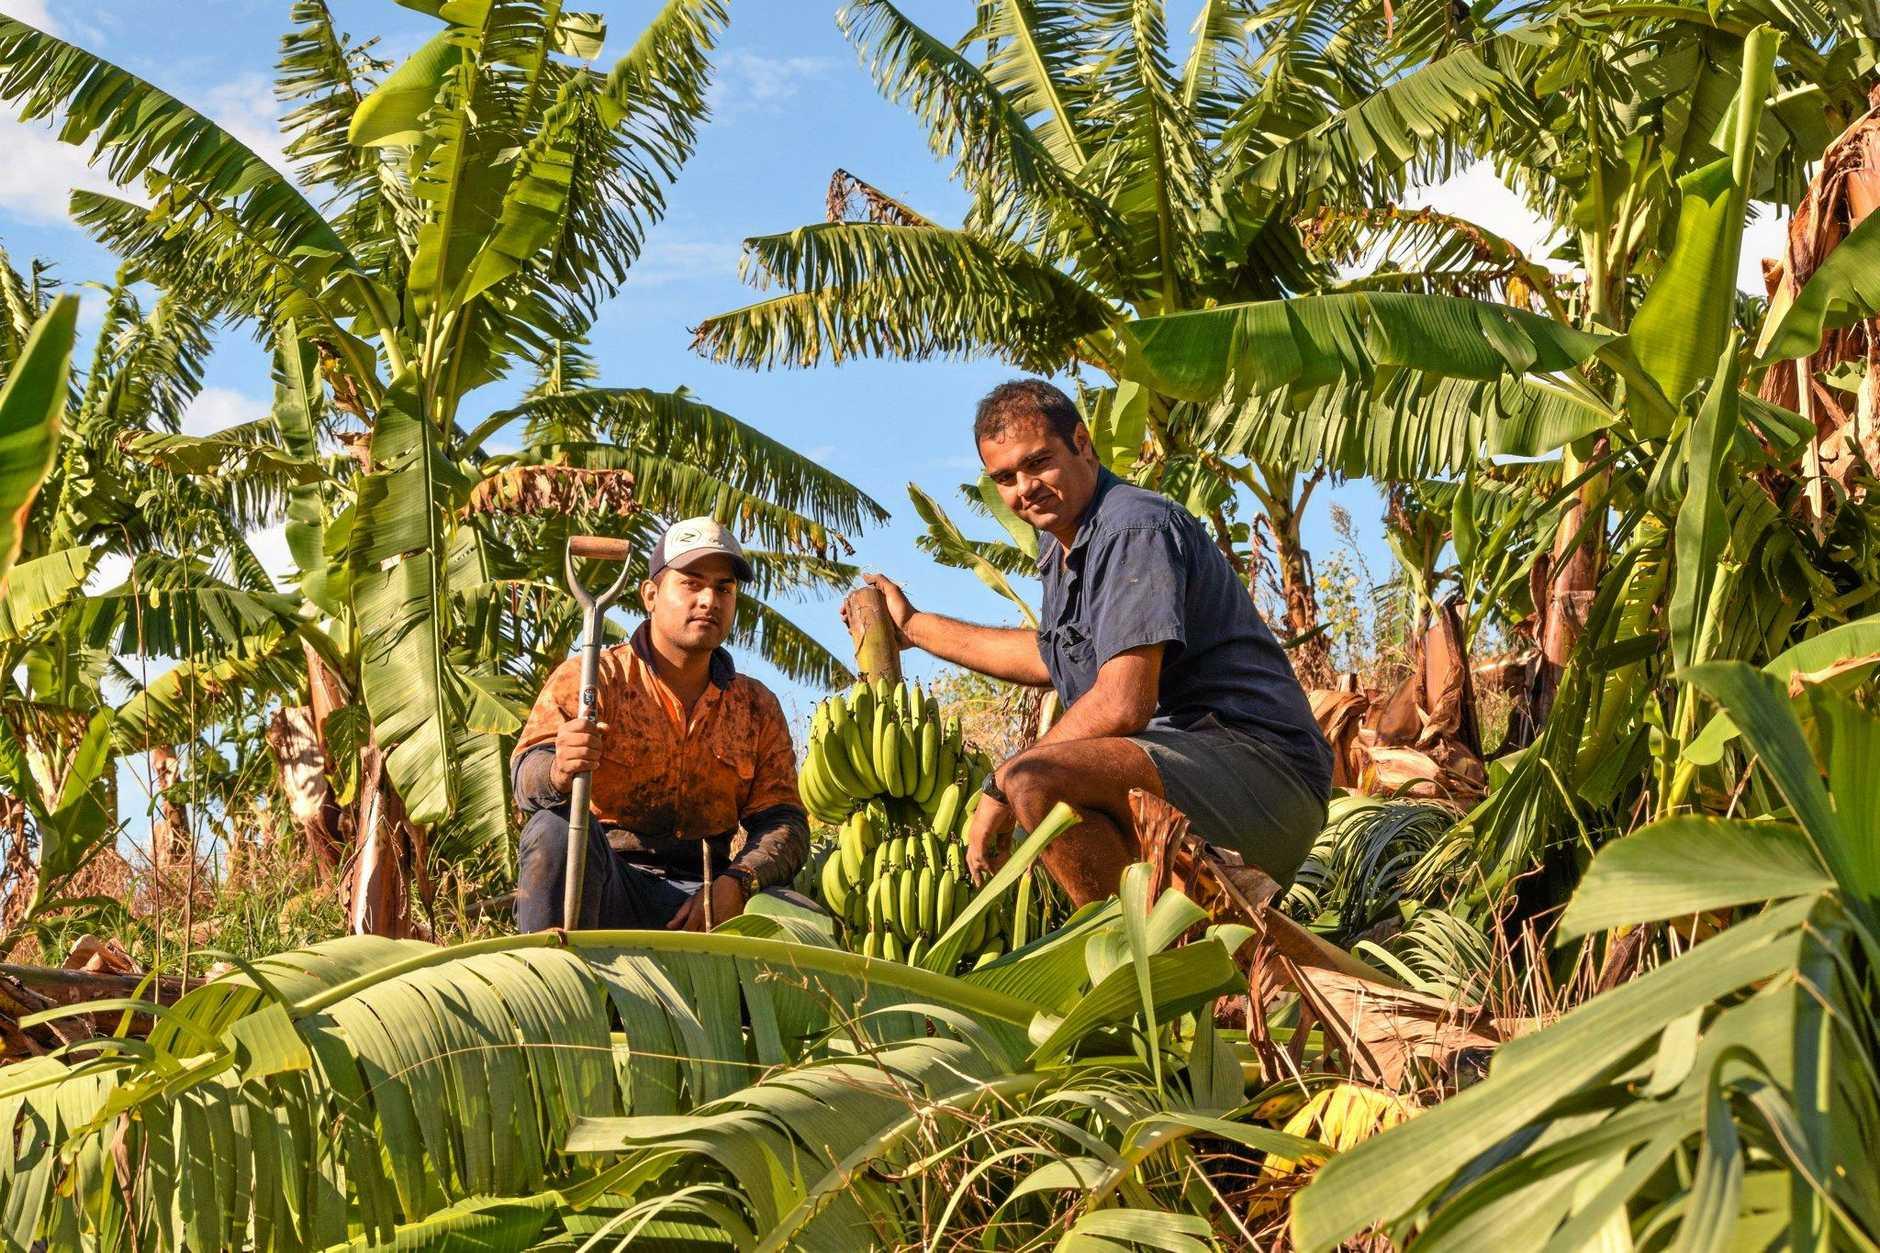 LOSS: farmer Paul Shoker assessing the damage on his farm with Amarjot Khatker in West Korora.